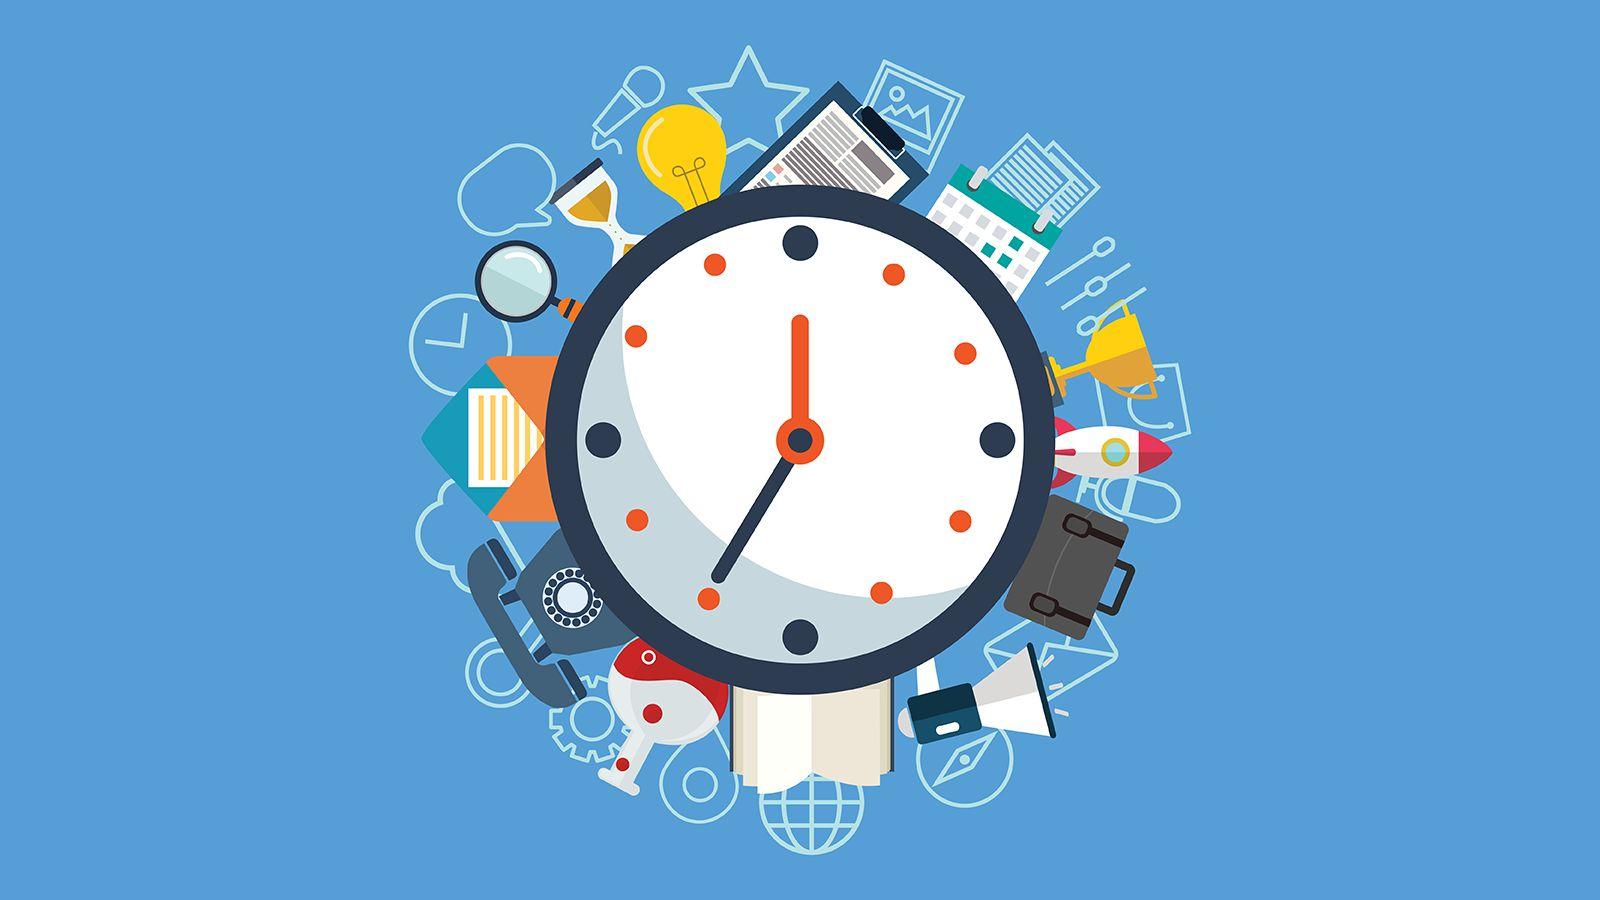 4 lời khuyên giúp bạn cải thiện việc quản lý thời gian trong mùa nghỉ lễ này